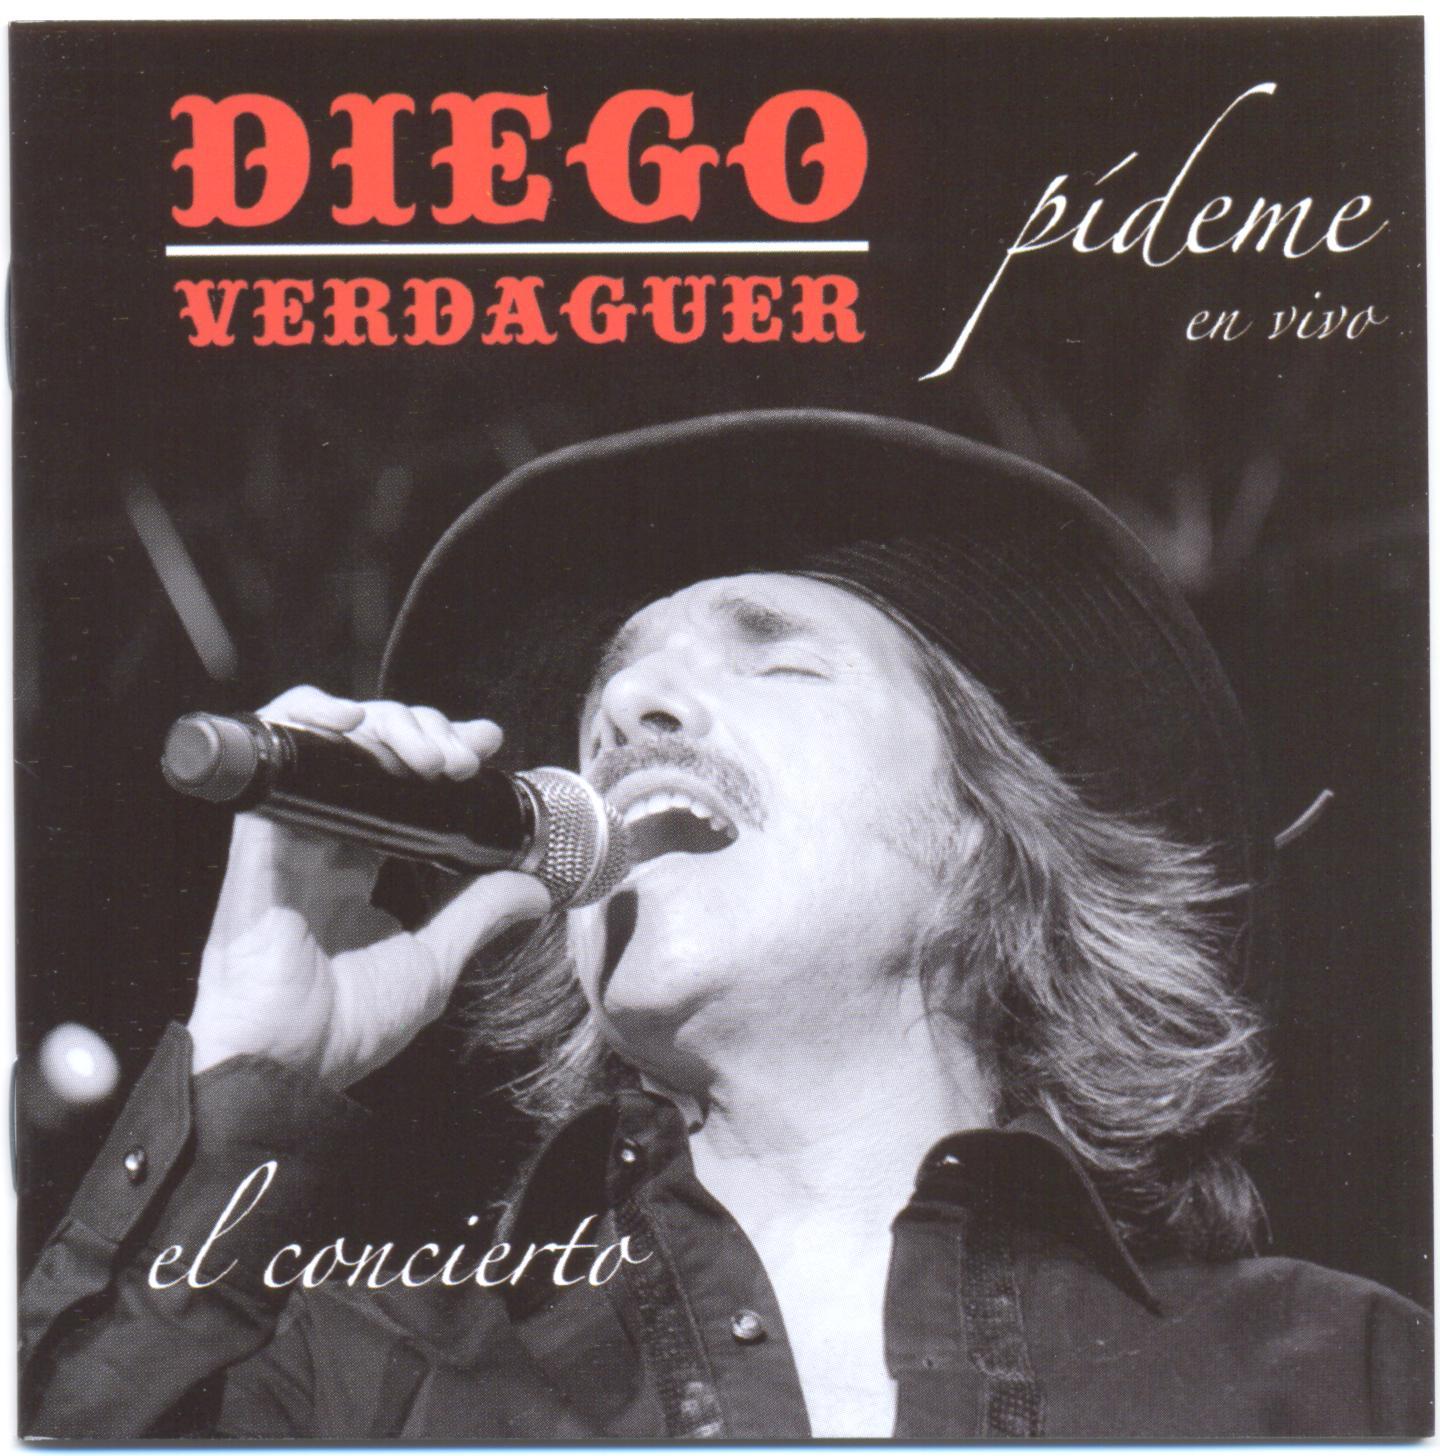 Intérprete: DIEGO VERDAGUER